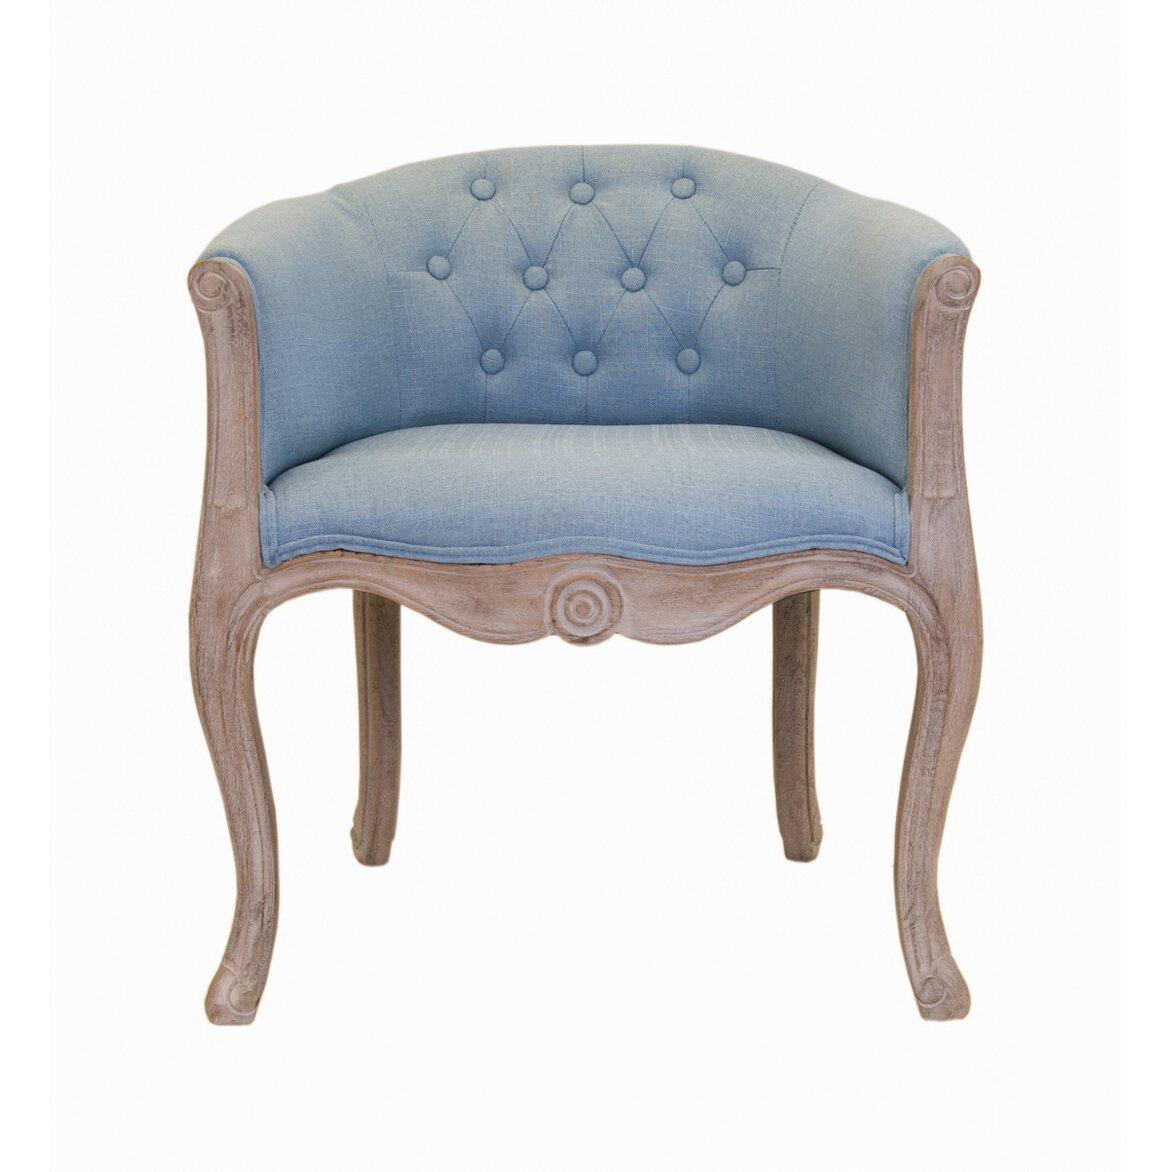 Низкое кресло Kandy light blue | Маленькие кресла Kingsby